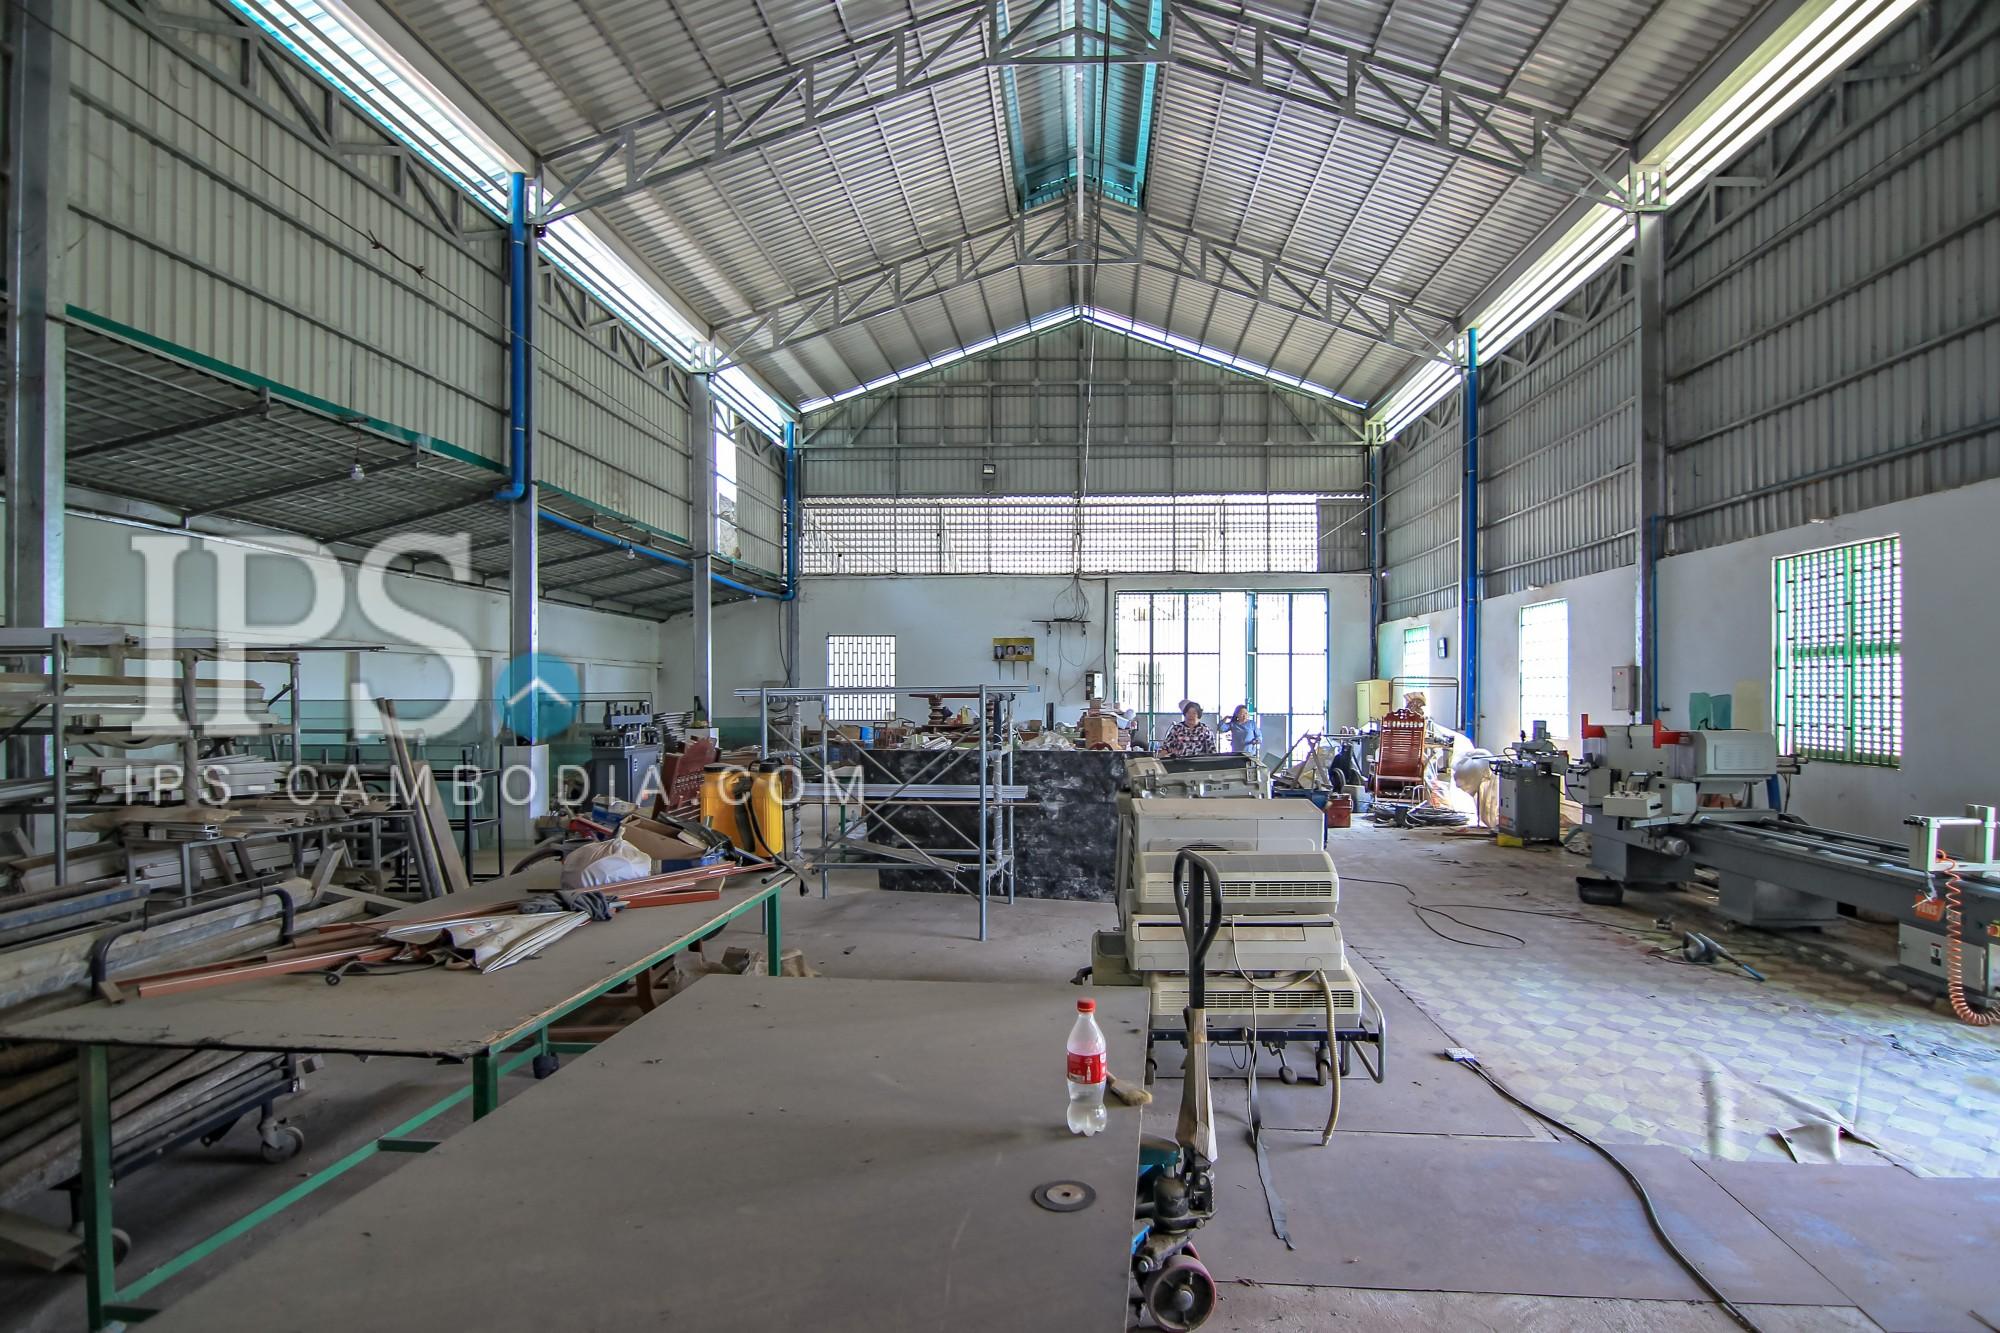 Commercial Warehouse For Rent - Phnom Penh - Hanoi Blvd (1019)